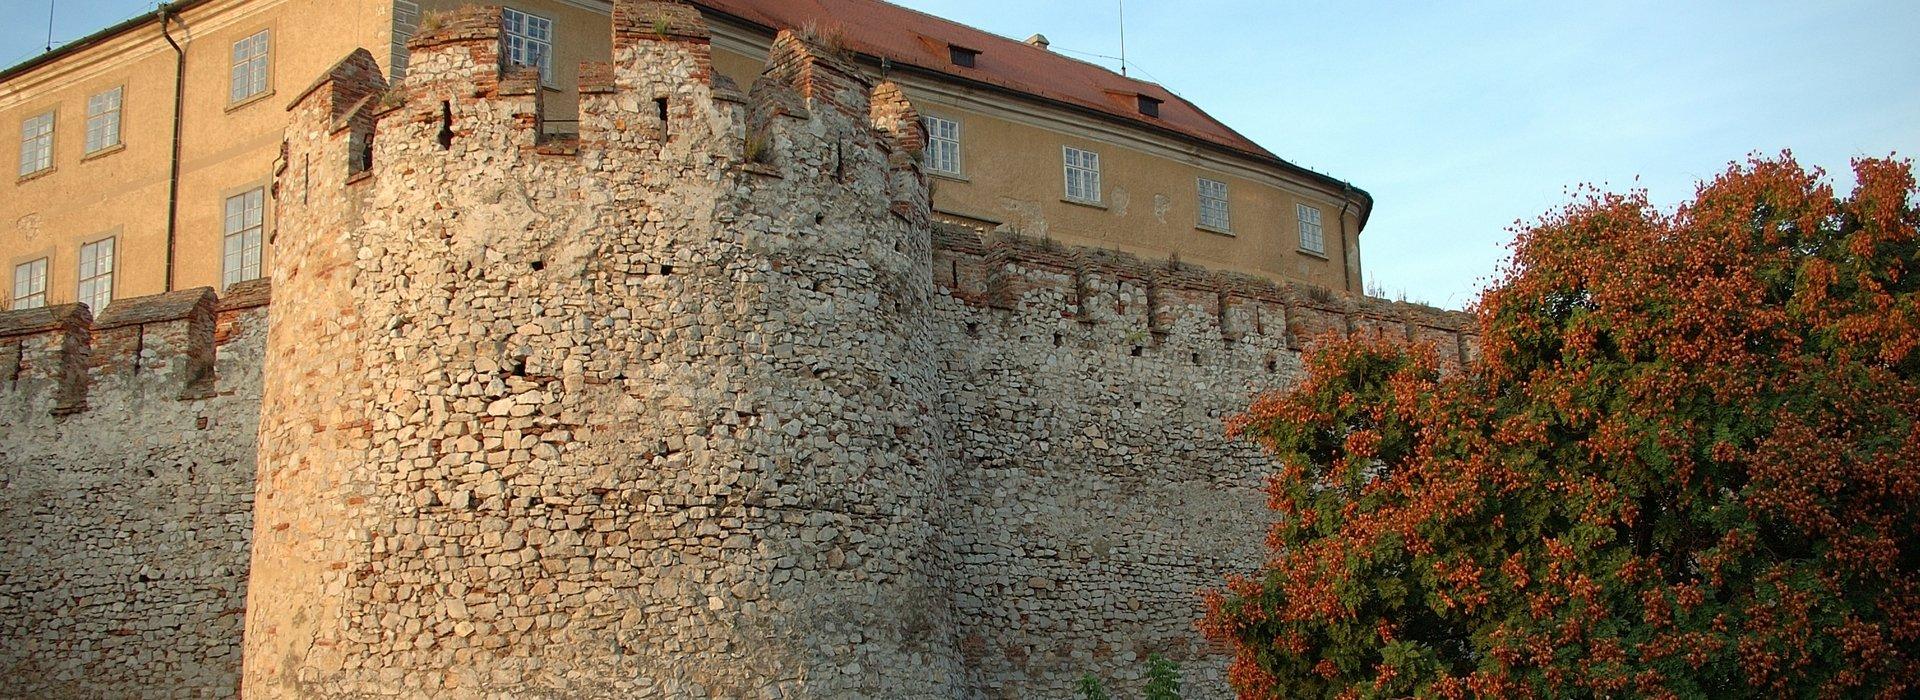 Pécs Sehenswürdigkeiten